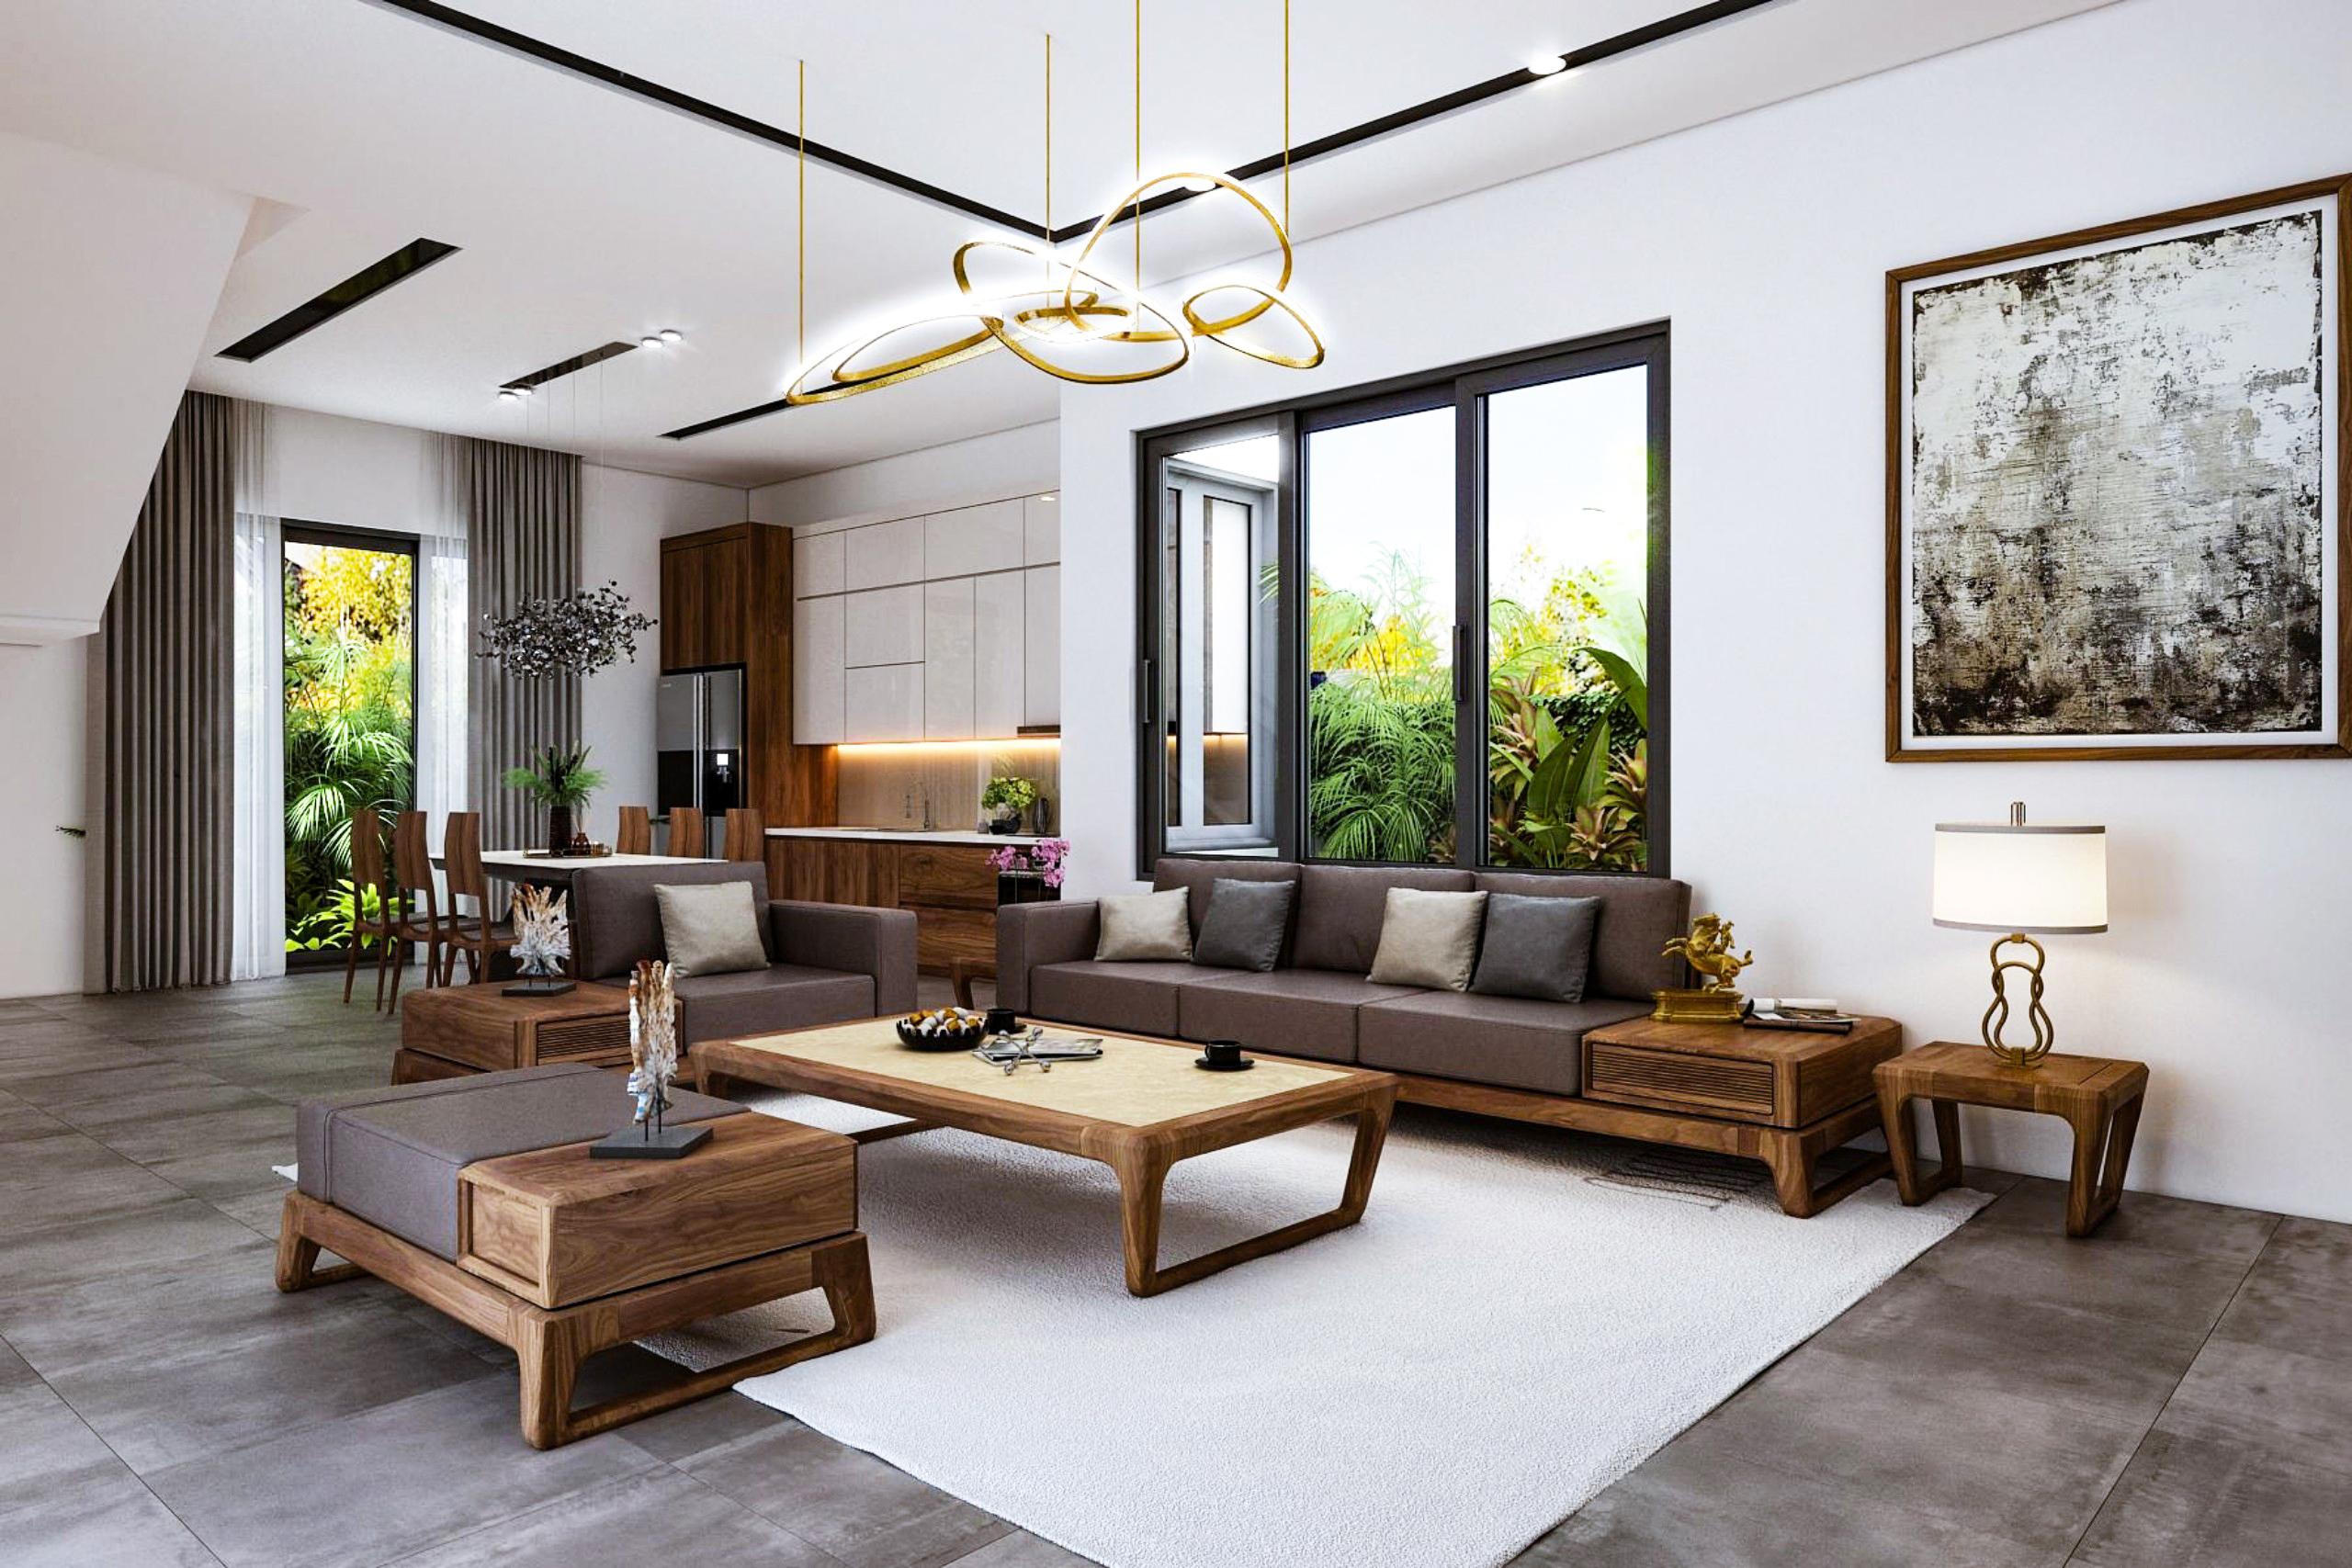 Thiết kế nội thất Biệt Thự tại Ninh Bình Biệt thự Ninh Bình 1600149401 4